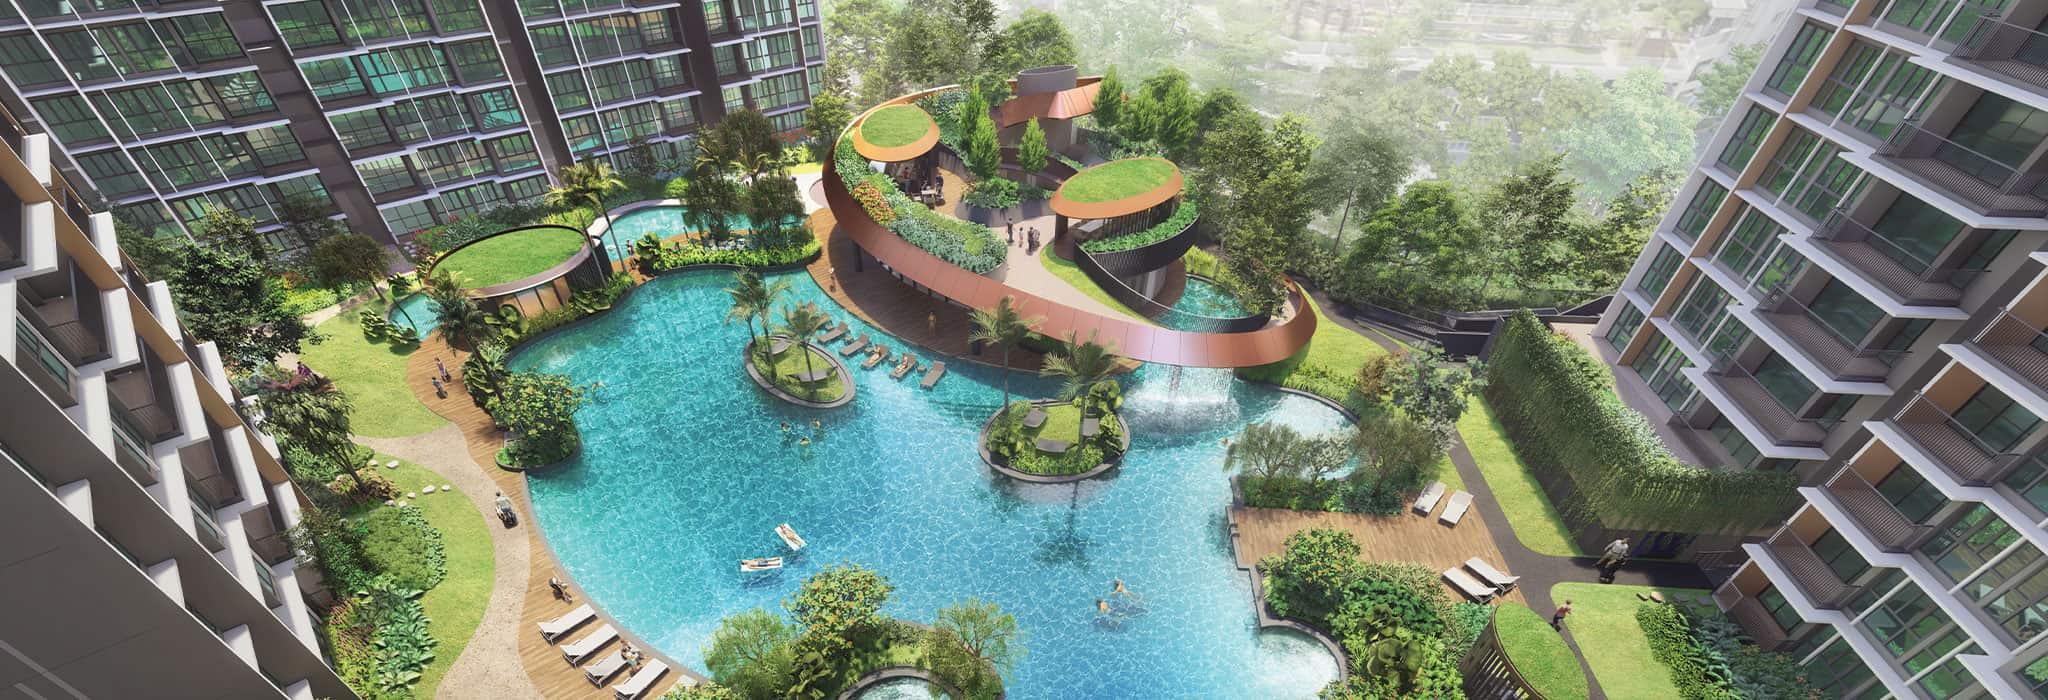 parc central executive condominium